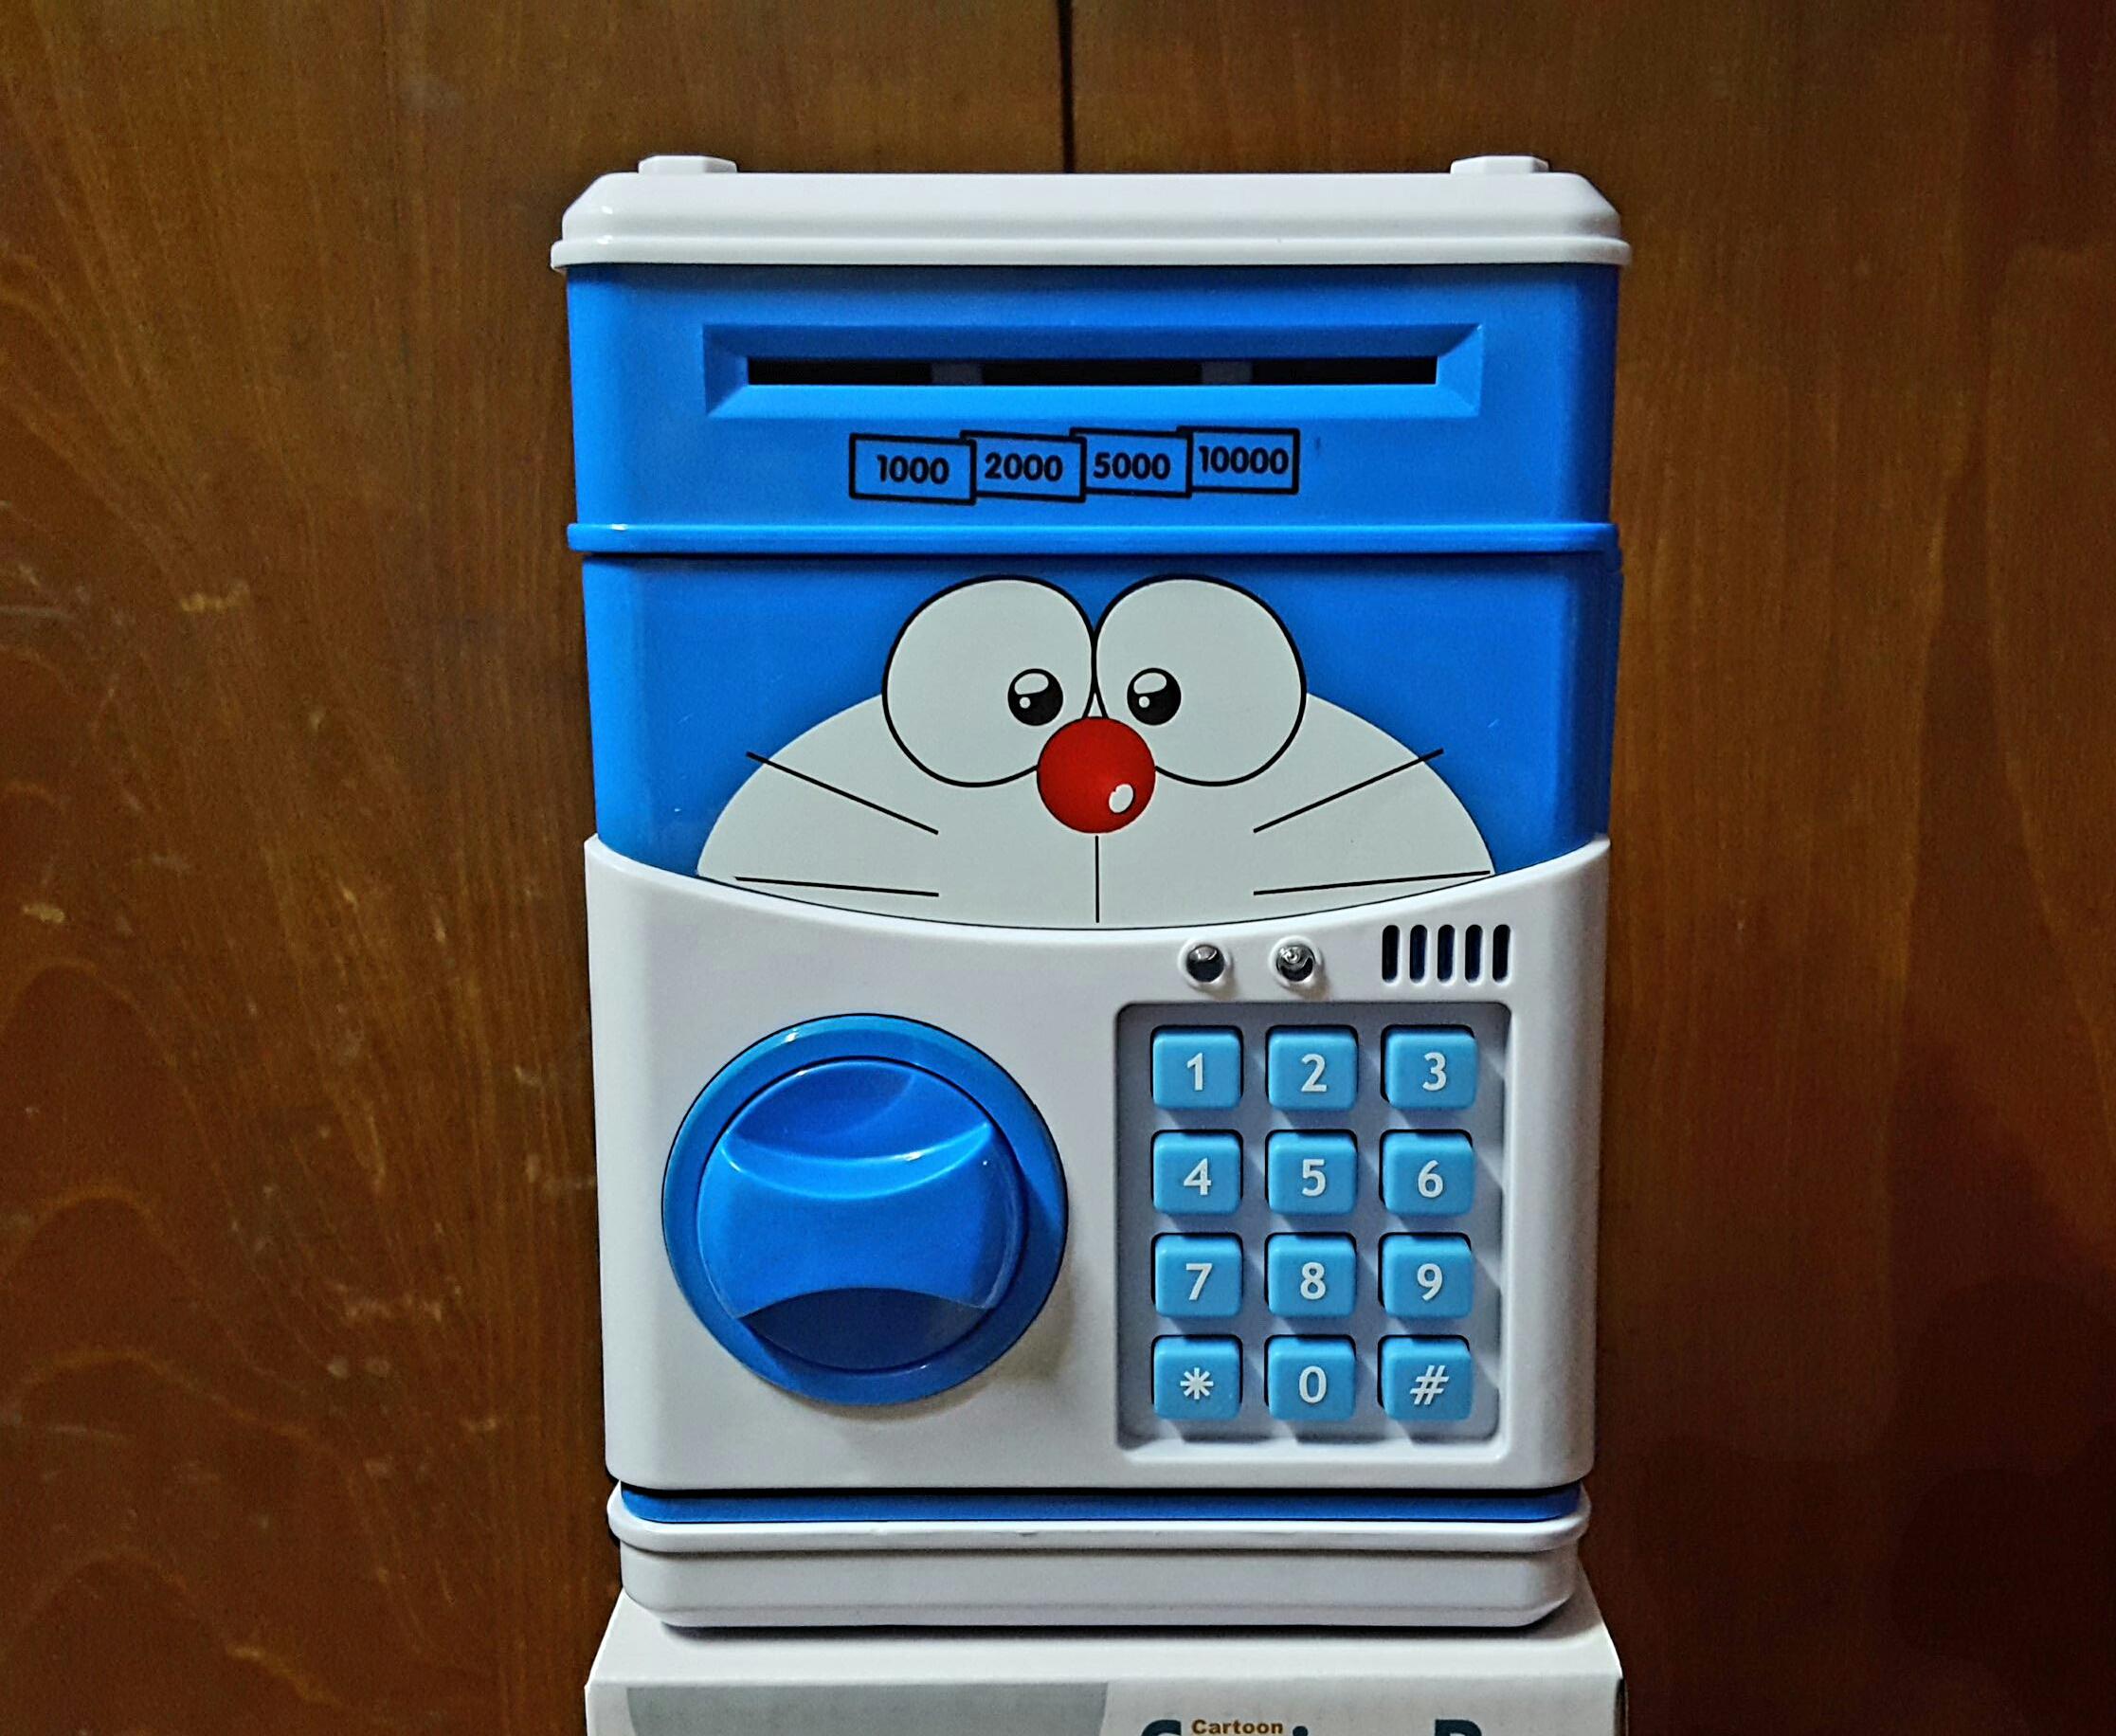 พร้อมส่ง :: ออมสินตู้เซฟดูดแบงค์ Doraemon